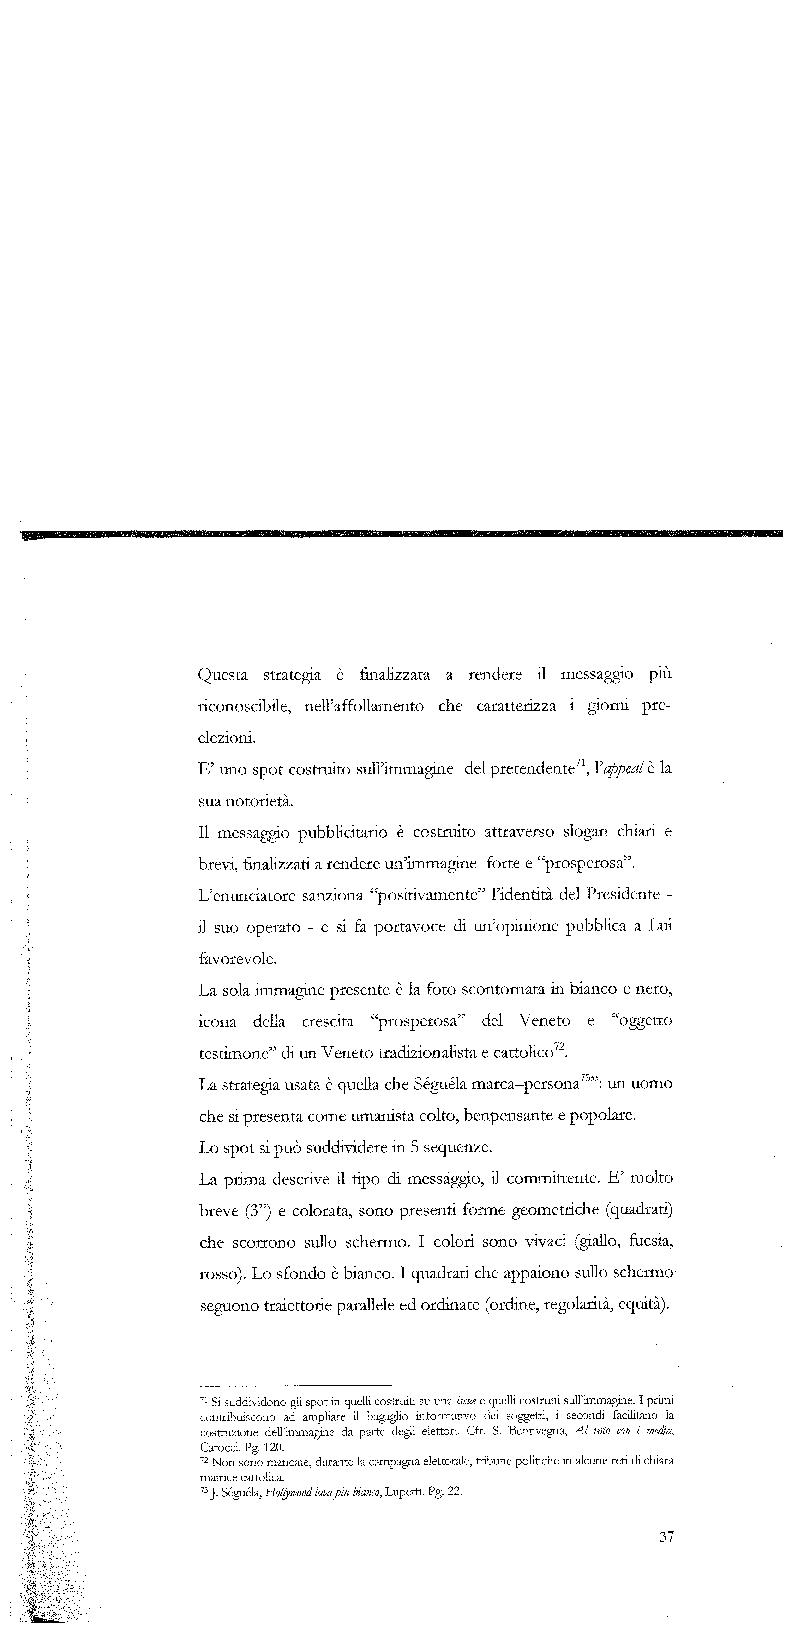 Anteprima della tesi: Strategie di persuasione elettorale durante le regionali 2005 in Veneto, Pagina 7